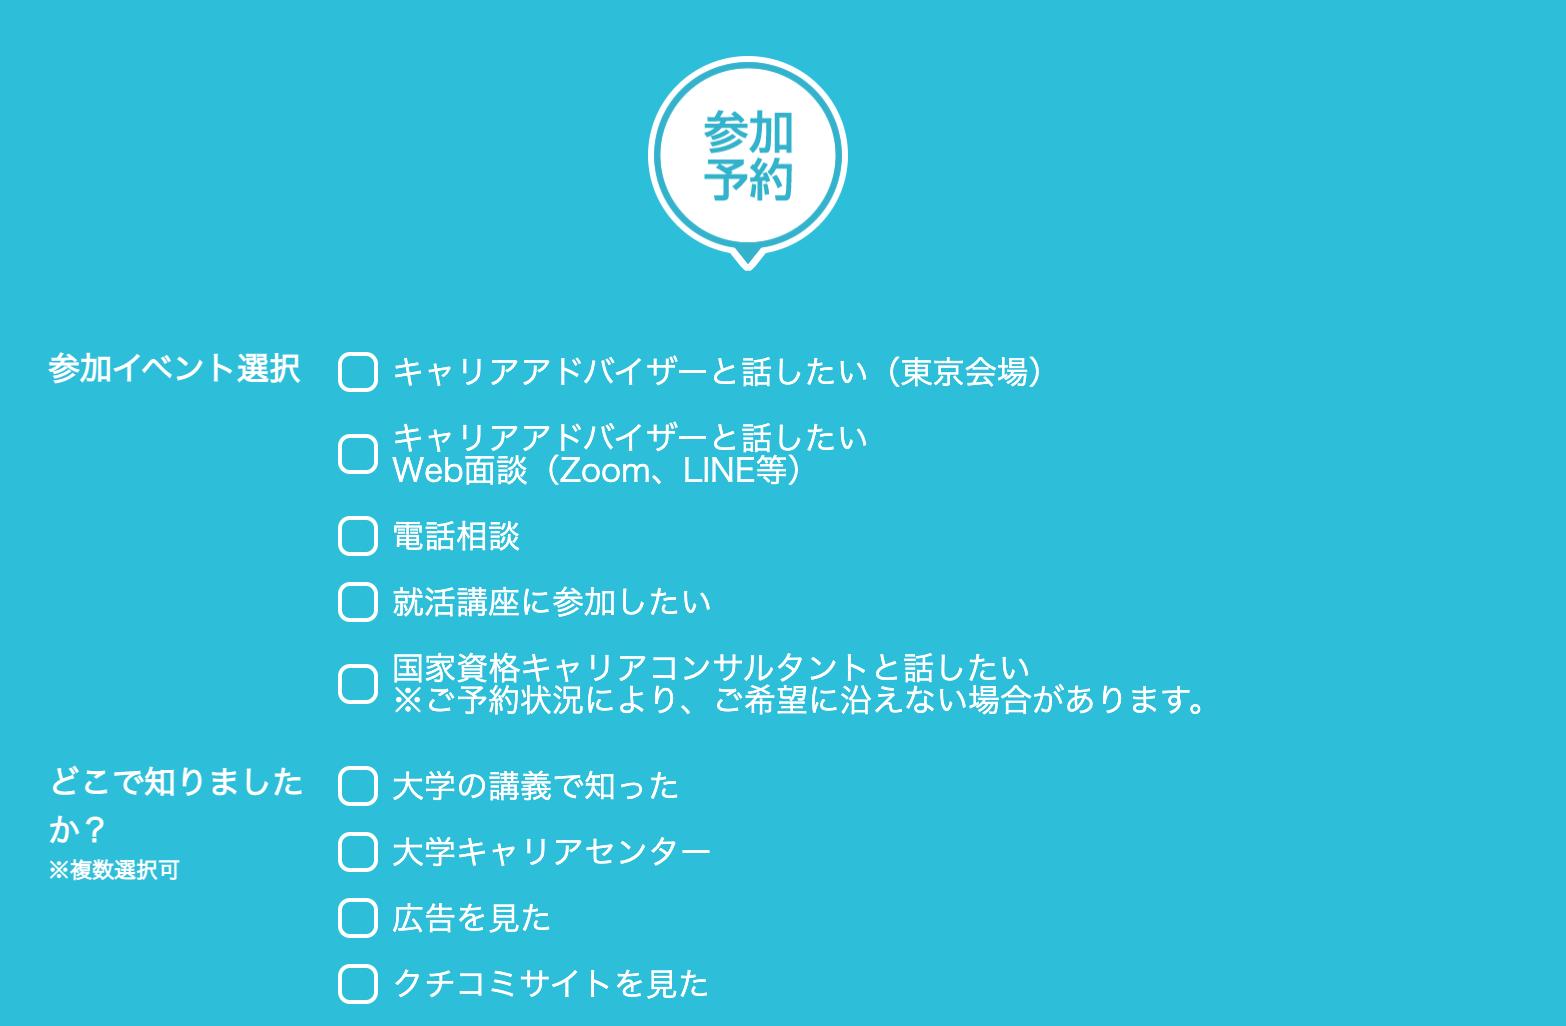 ハローナビ就活の参加イベント選択画面